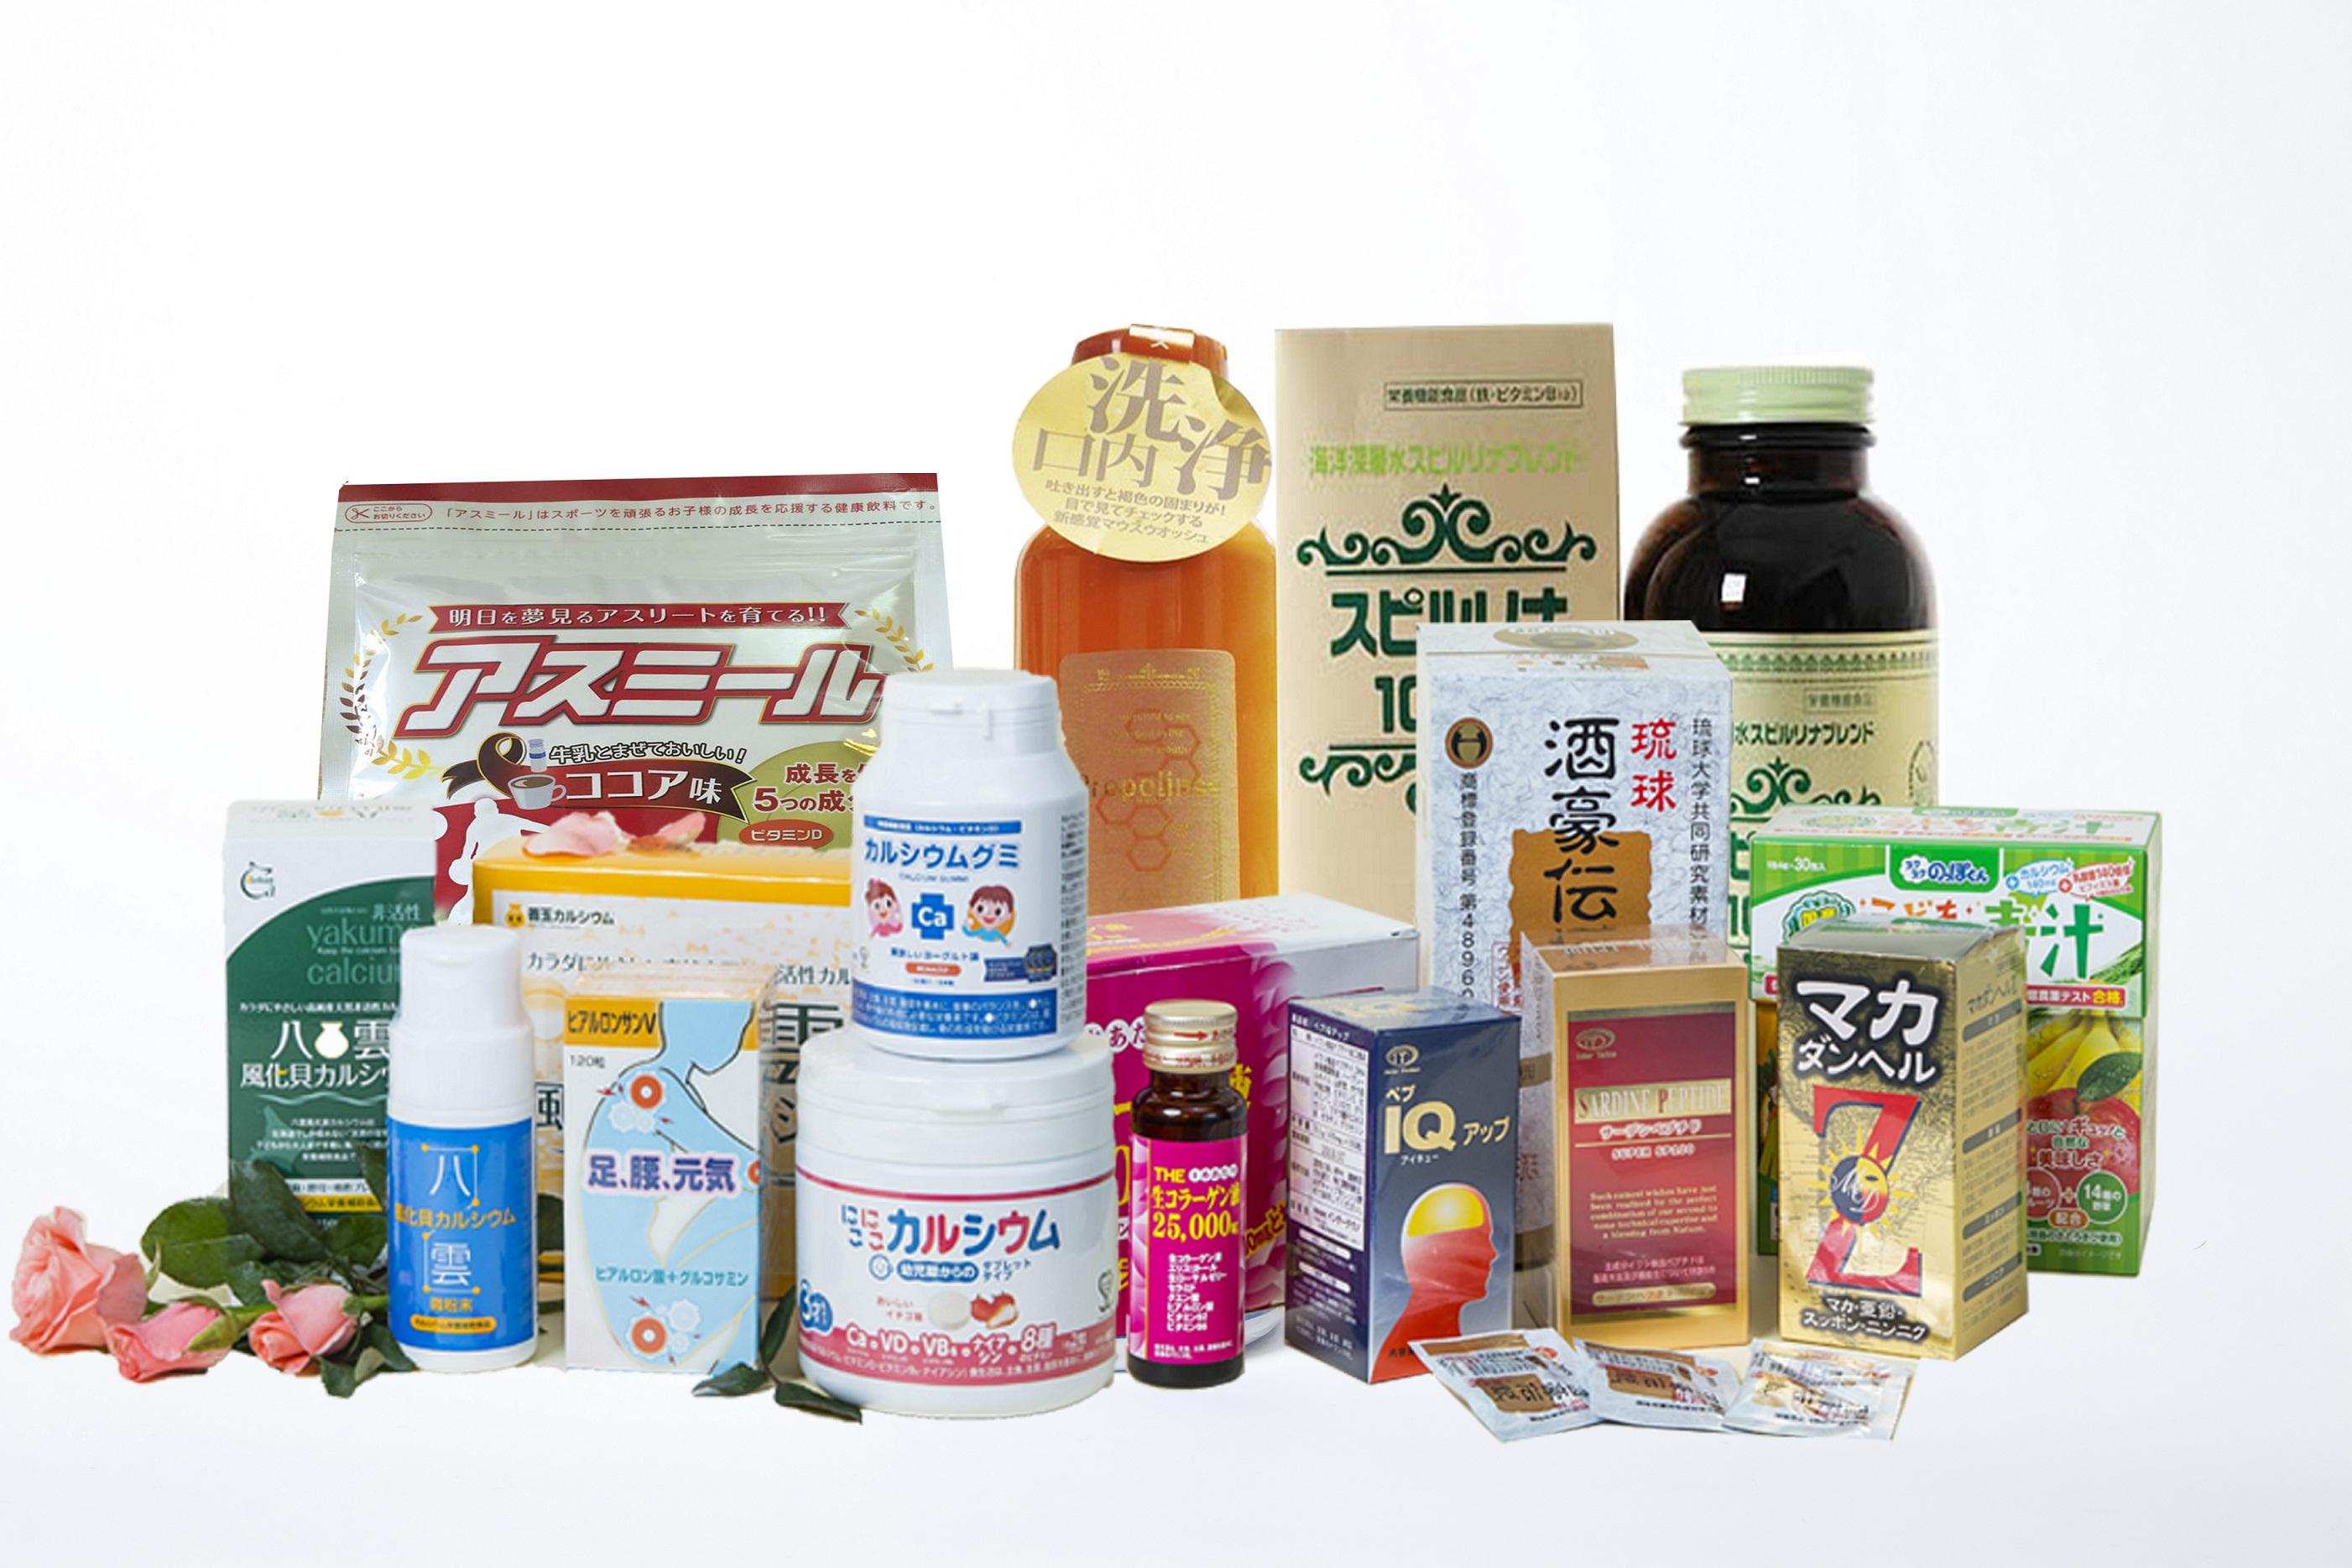 Nhận đặt hàng vận chuyển thực phẩm chức năng từ Mỹ nhanh giá rẻ